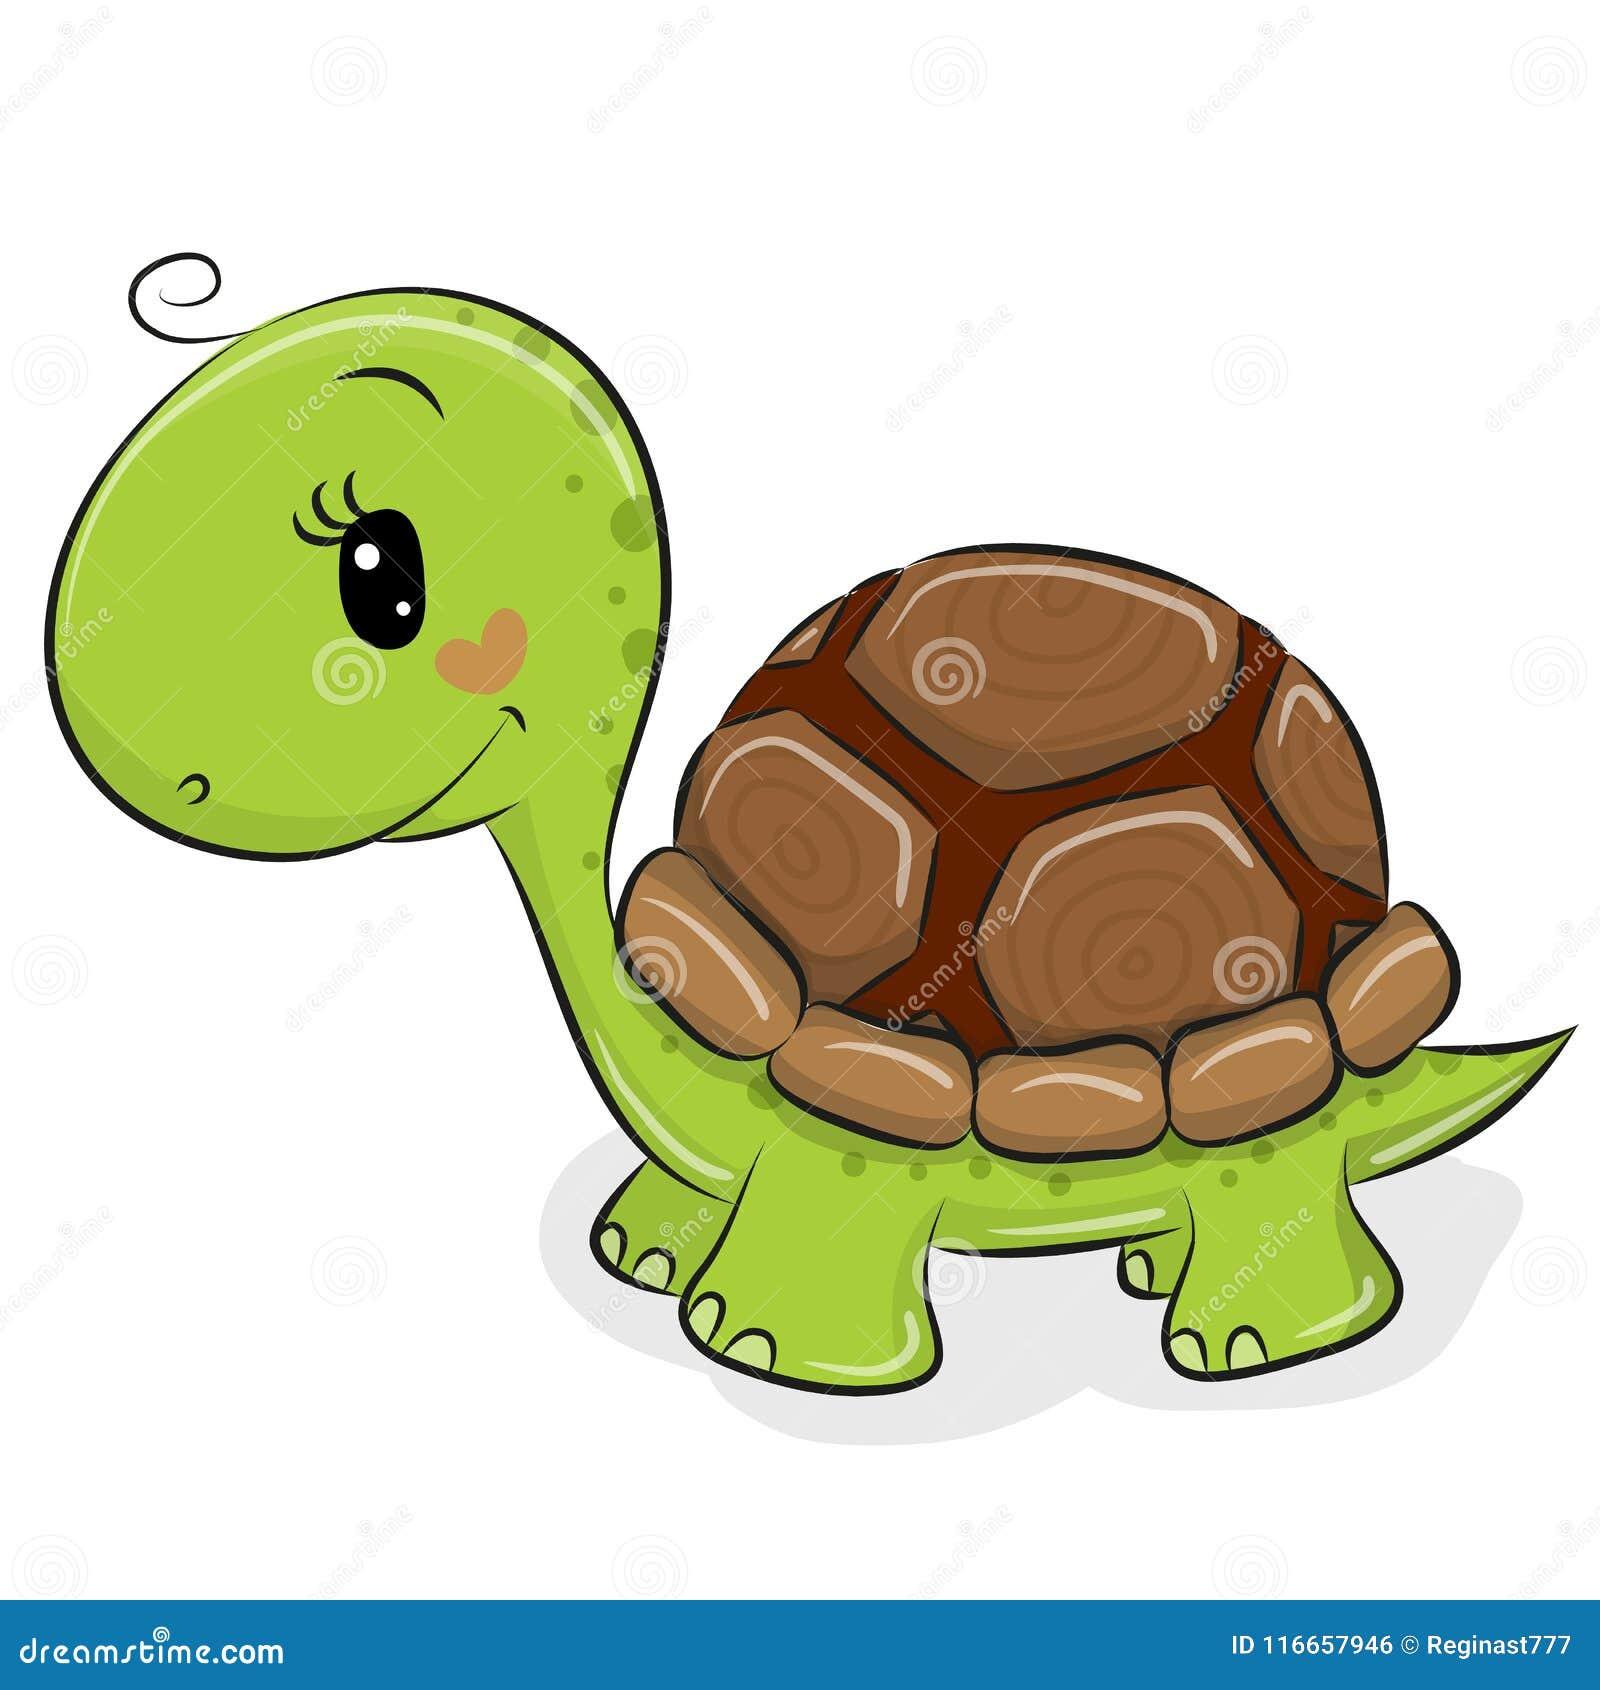 Χαριτωμένη χελώνα κινούμενων σχεδίων σε ένα άσπρο υπόβαθρο